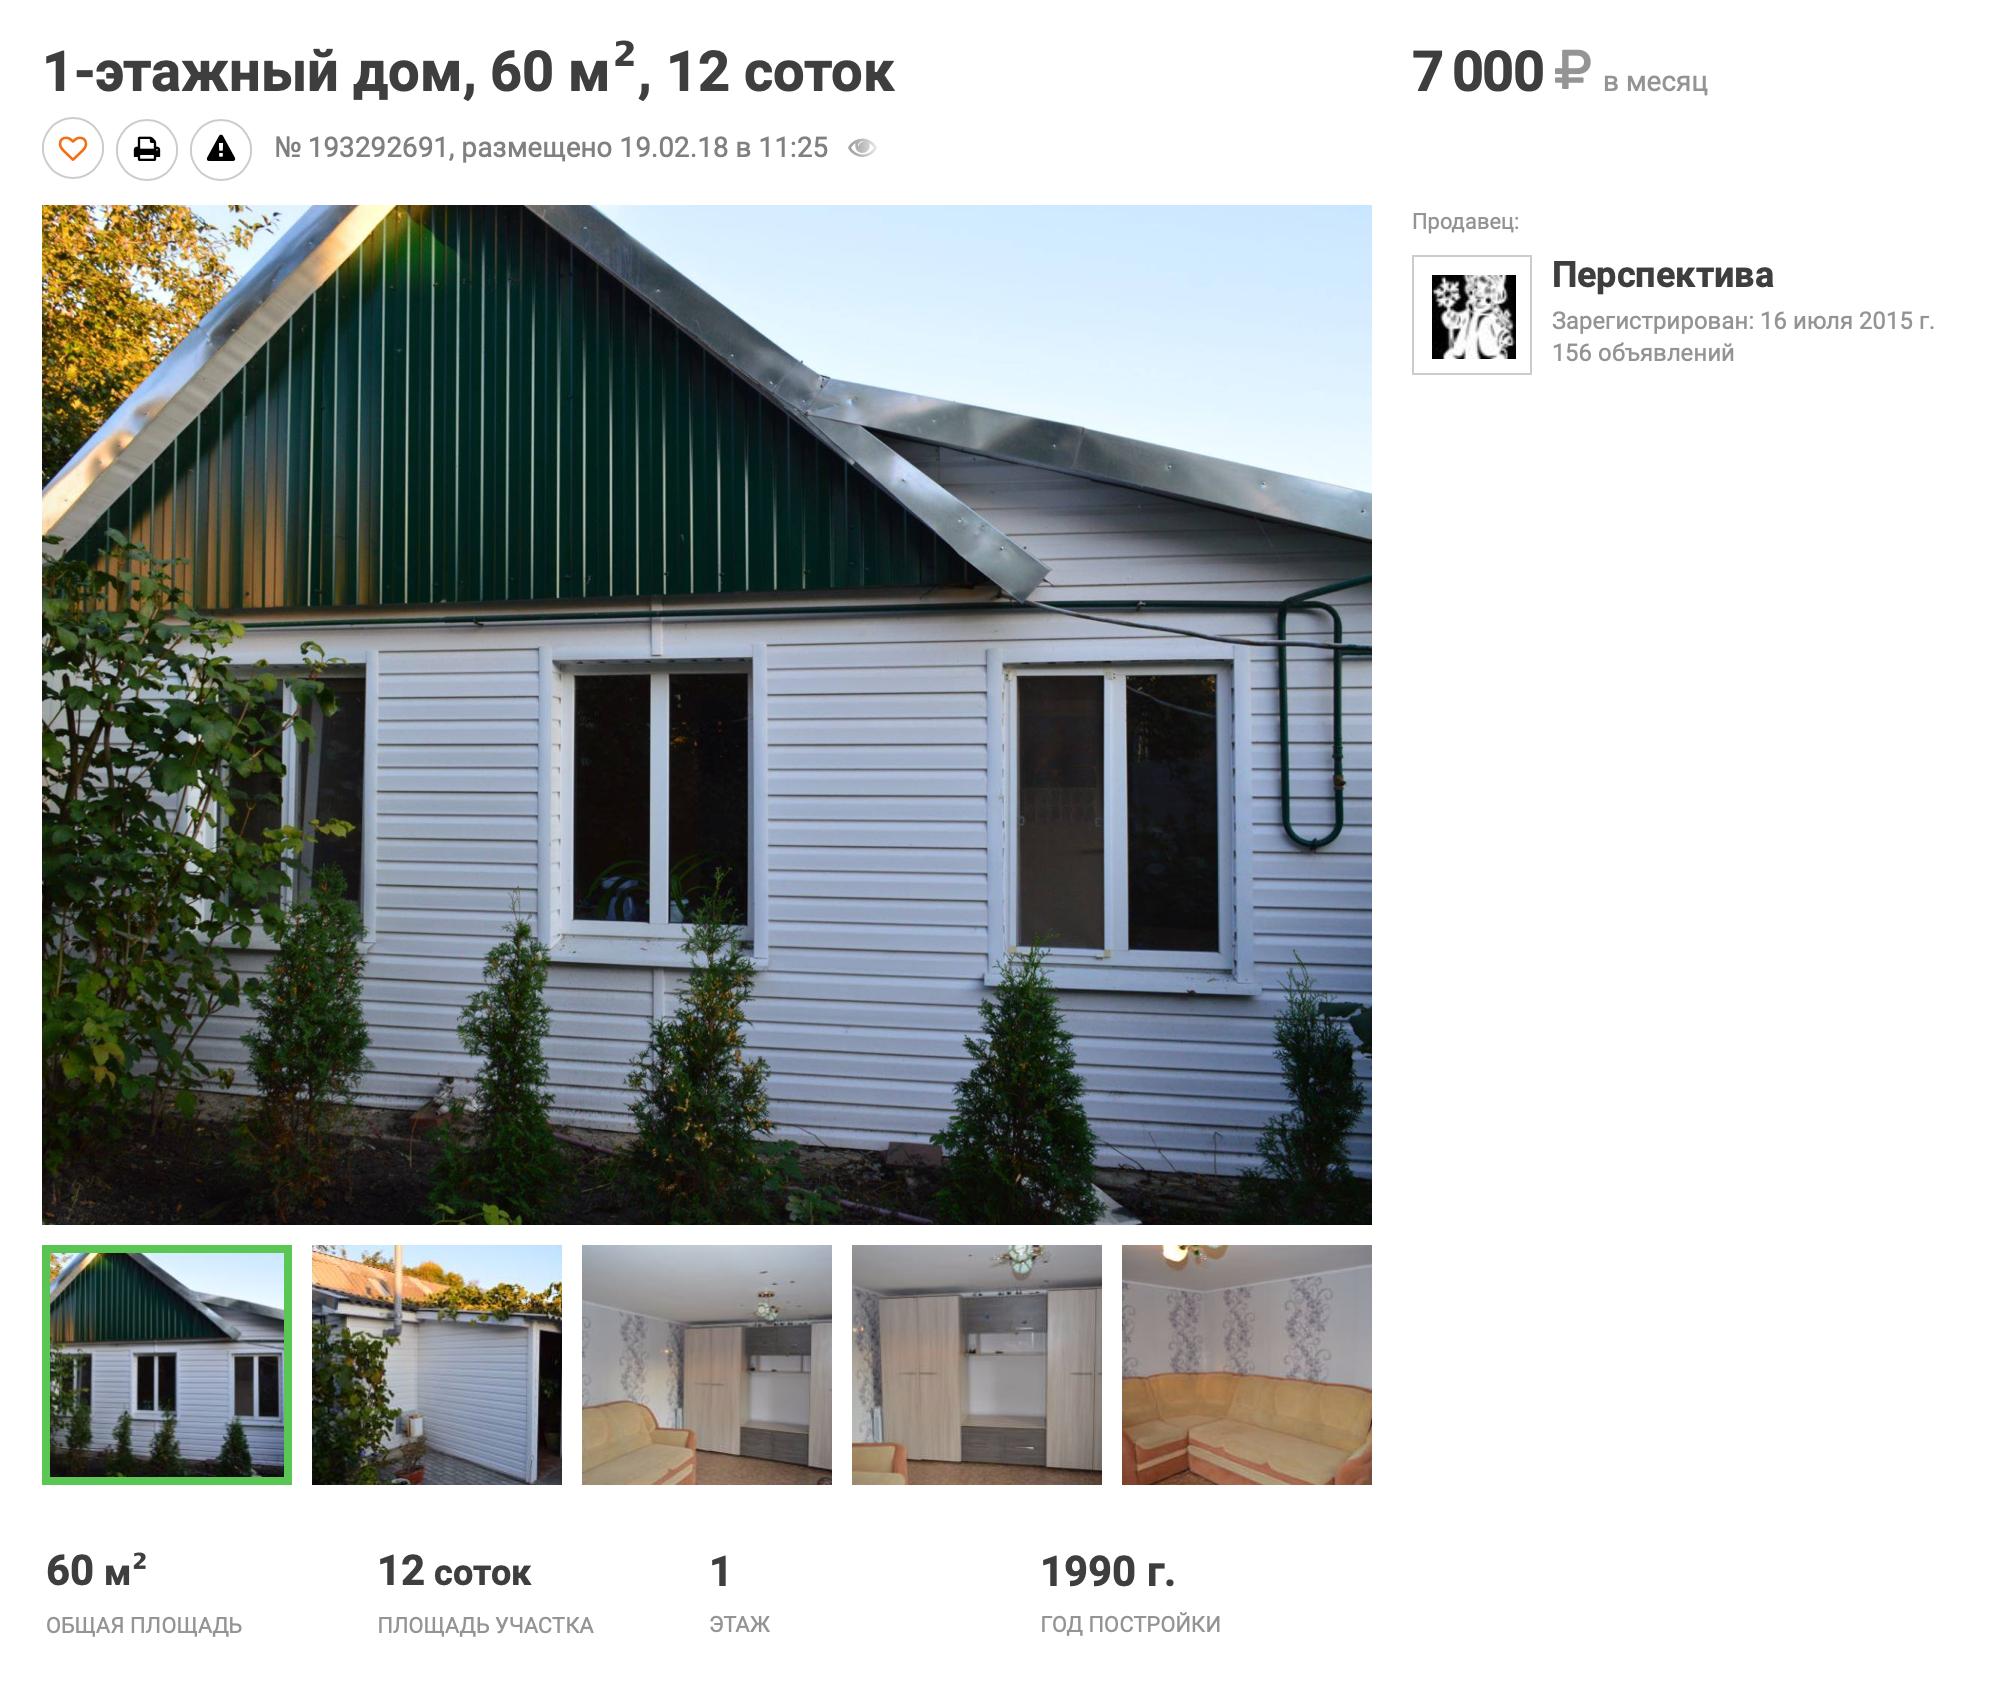 Снять небольшой дом можно за7тысячрублей